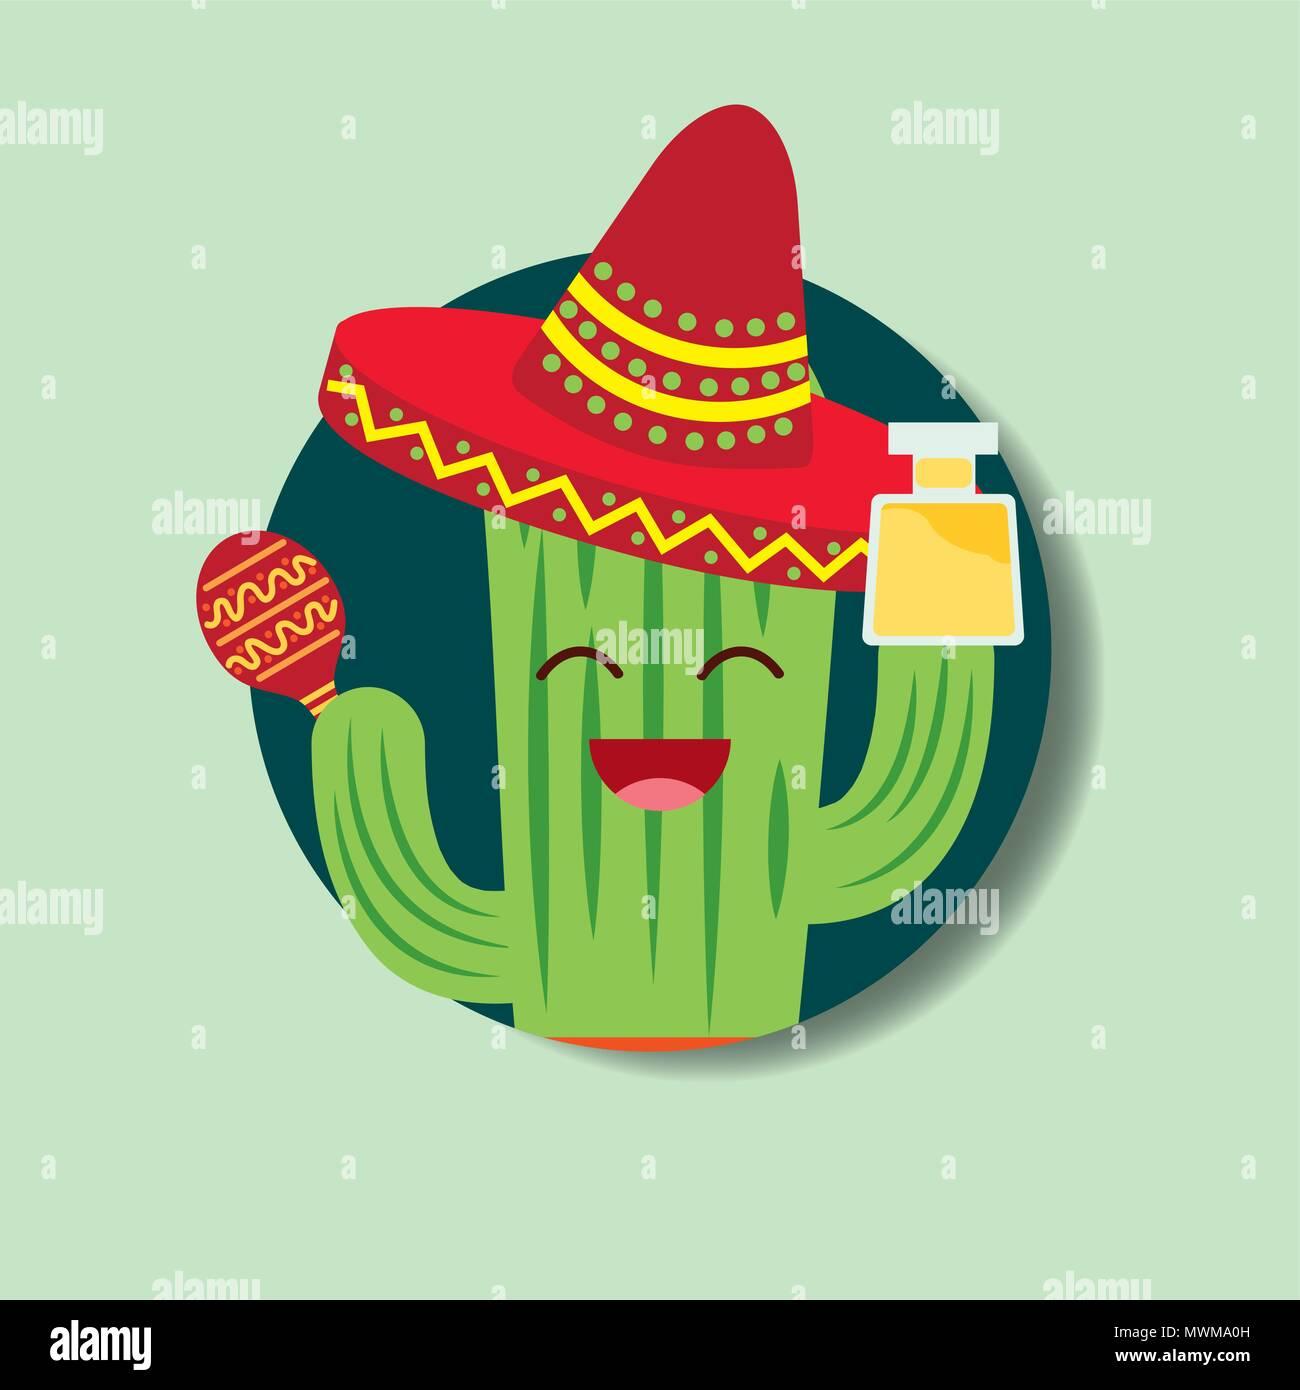 46cacffde92ca Cartoon cactus con sombrero y beber tequila VIVA MÉXICO ilustración  vectorial